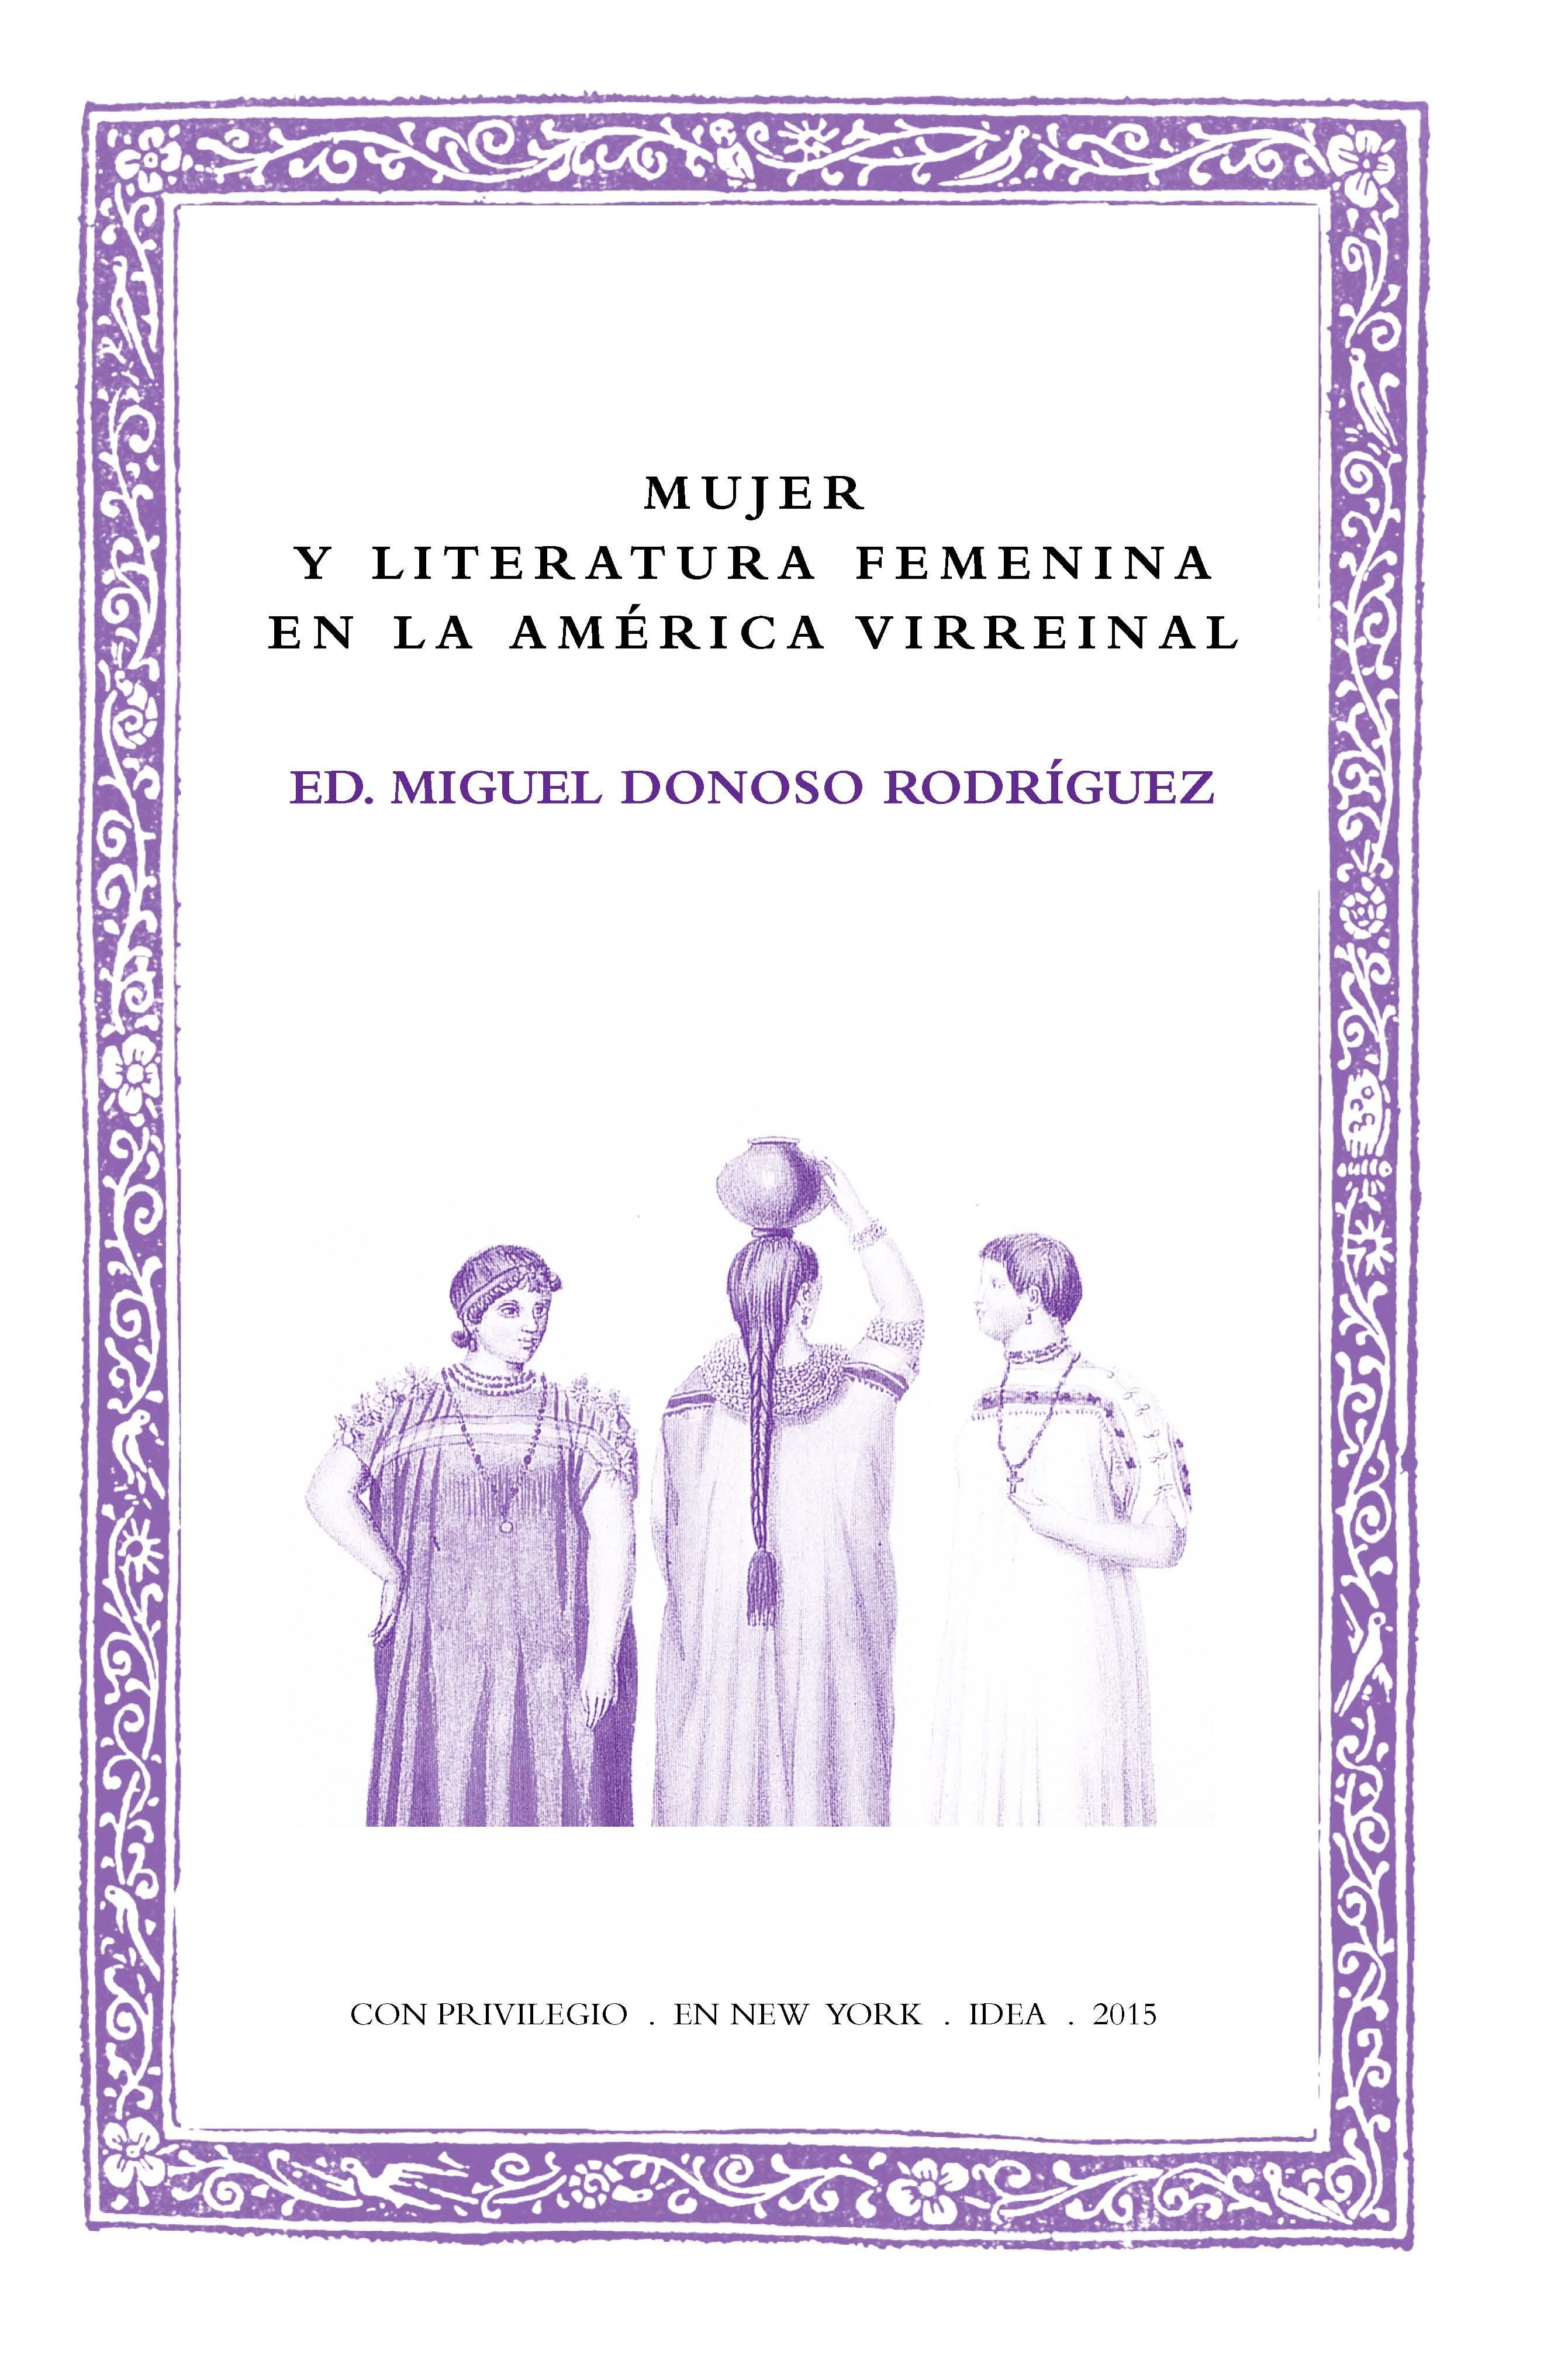 Batihoja 20. Mujer y literatura femenina en la América virreinal